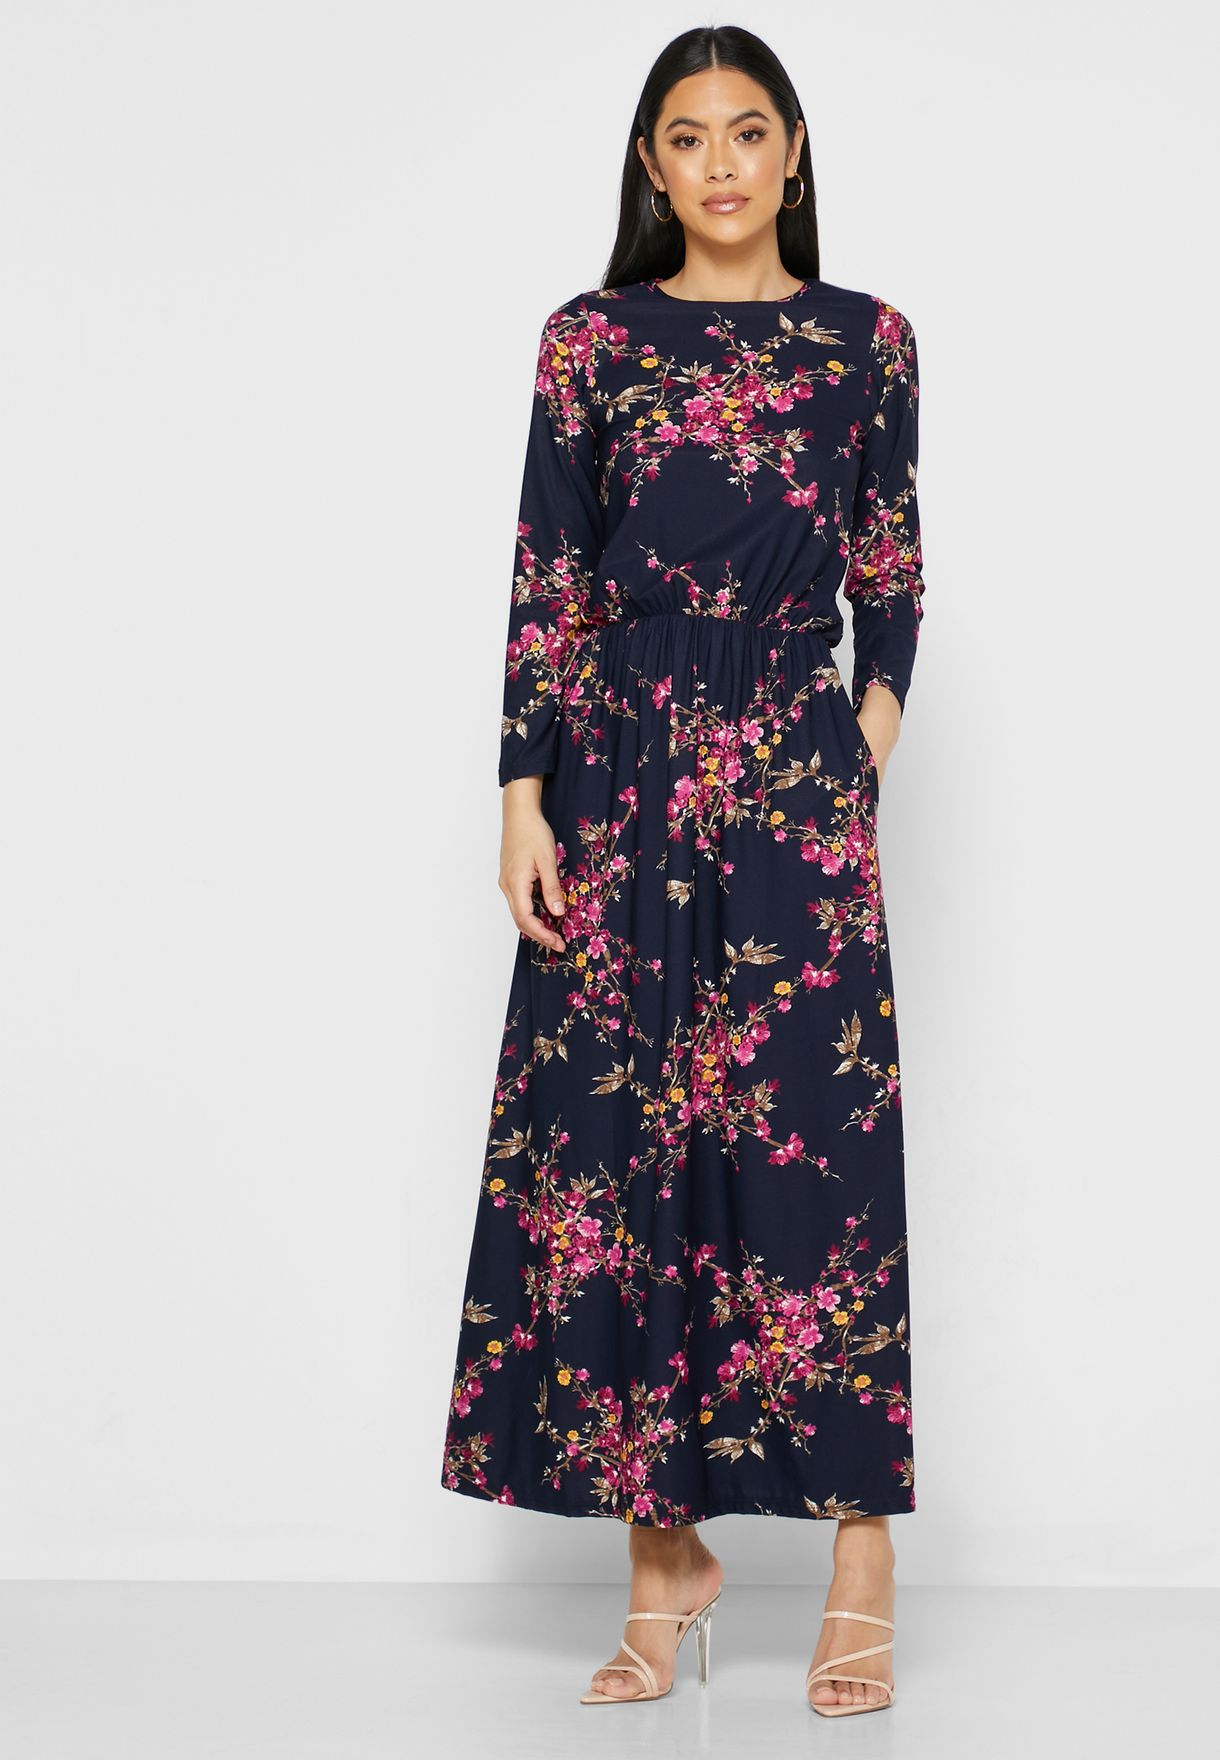 فستان ماكسي بطبعات ازهار